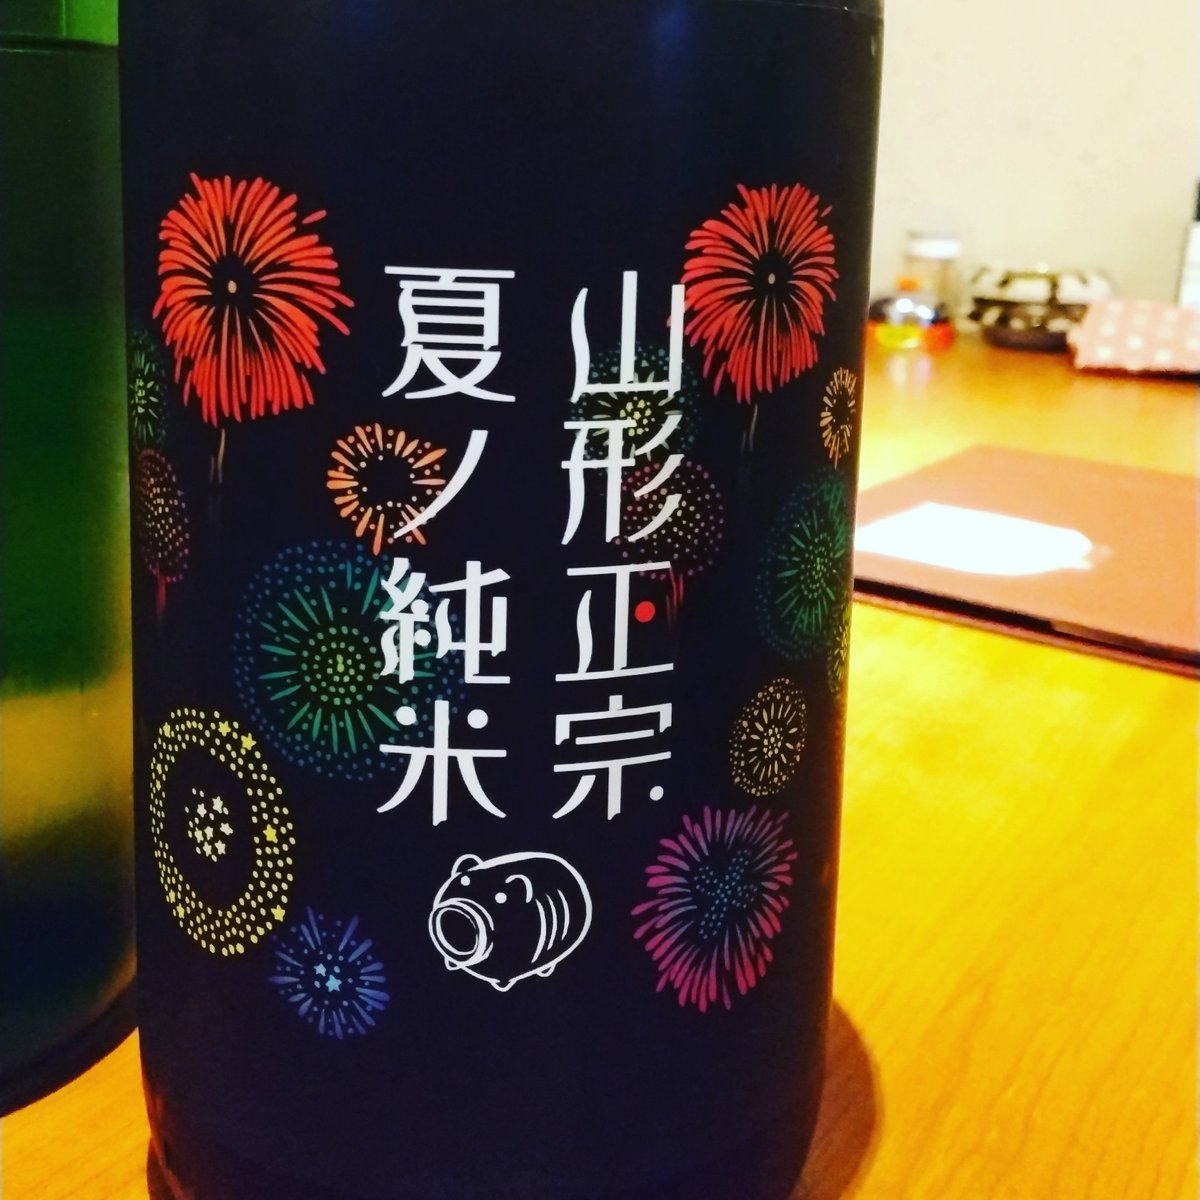 test ツイッターメディア - 今年も山形正宗 夏の純米が飲める季節🥰  スッキリするだけでなく旨味も楽しめるので人気あります  花火(旨味)と一緒にスーッと吹く清々しい風(爽やかなキレ)はまさに夏の夜風 https://t.co/utTWu7eZug